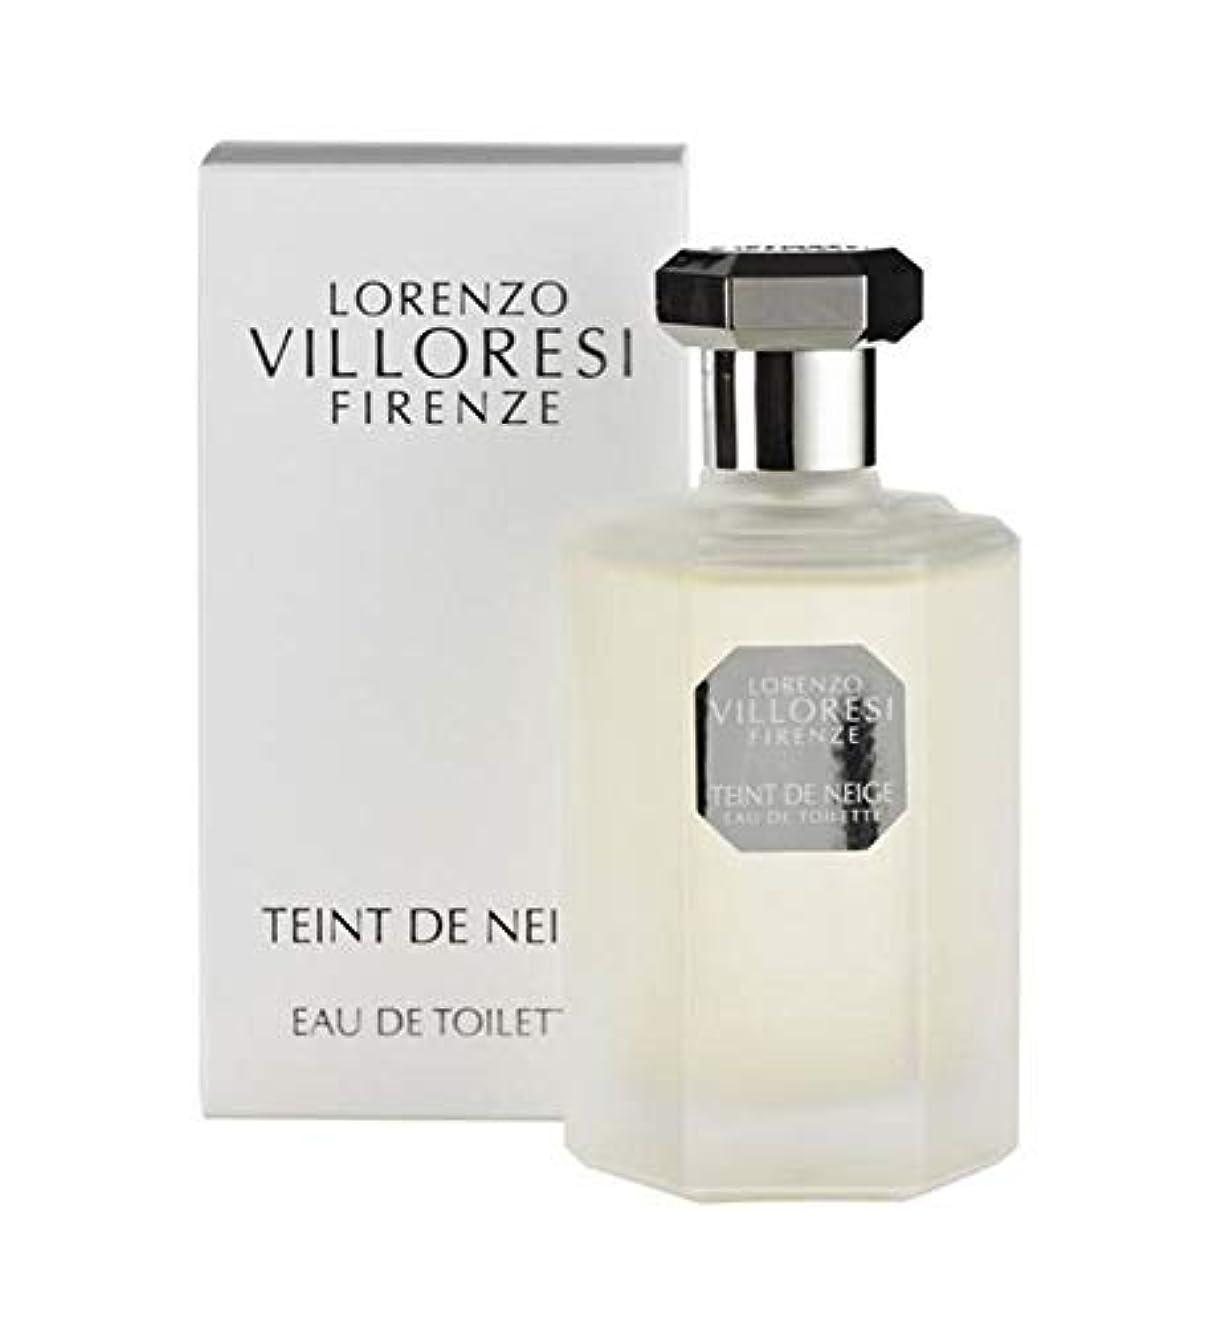 従順なイル流星Lorenzo Villoresi Teint De Neige Eau De Toilette Spray 100Ml